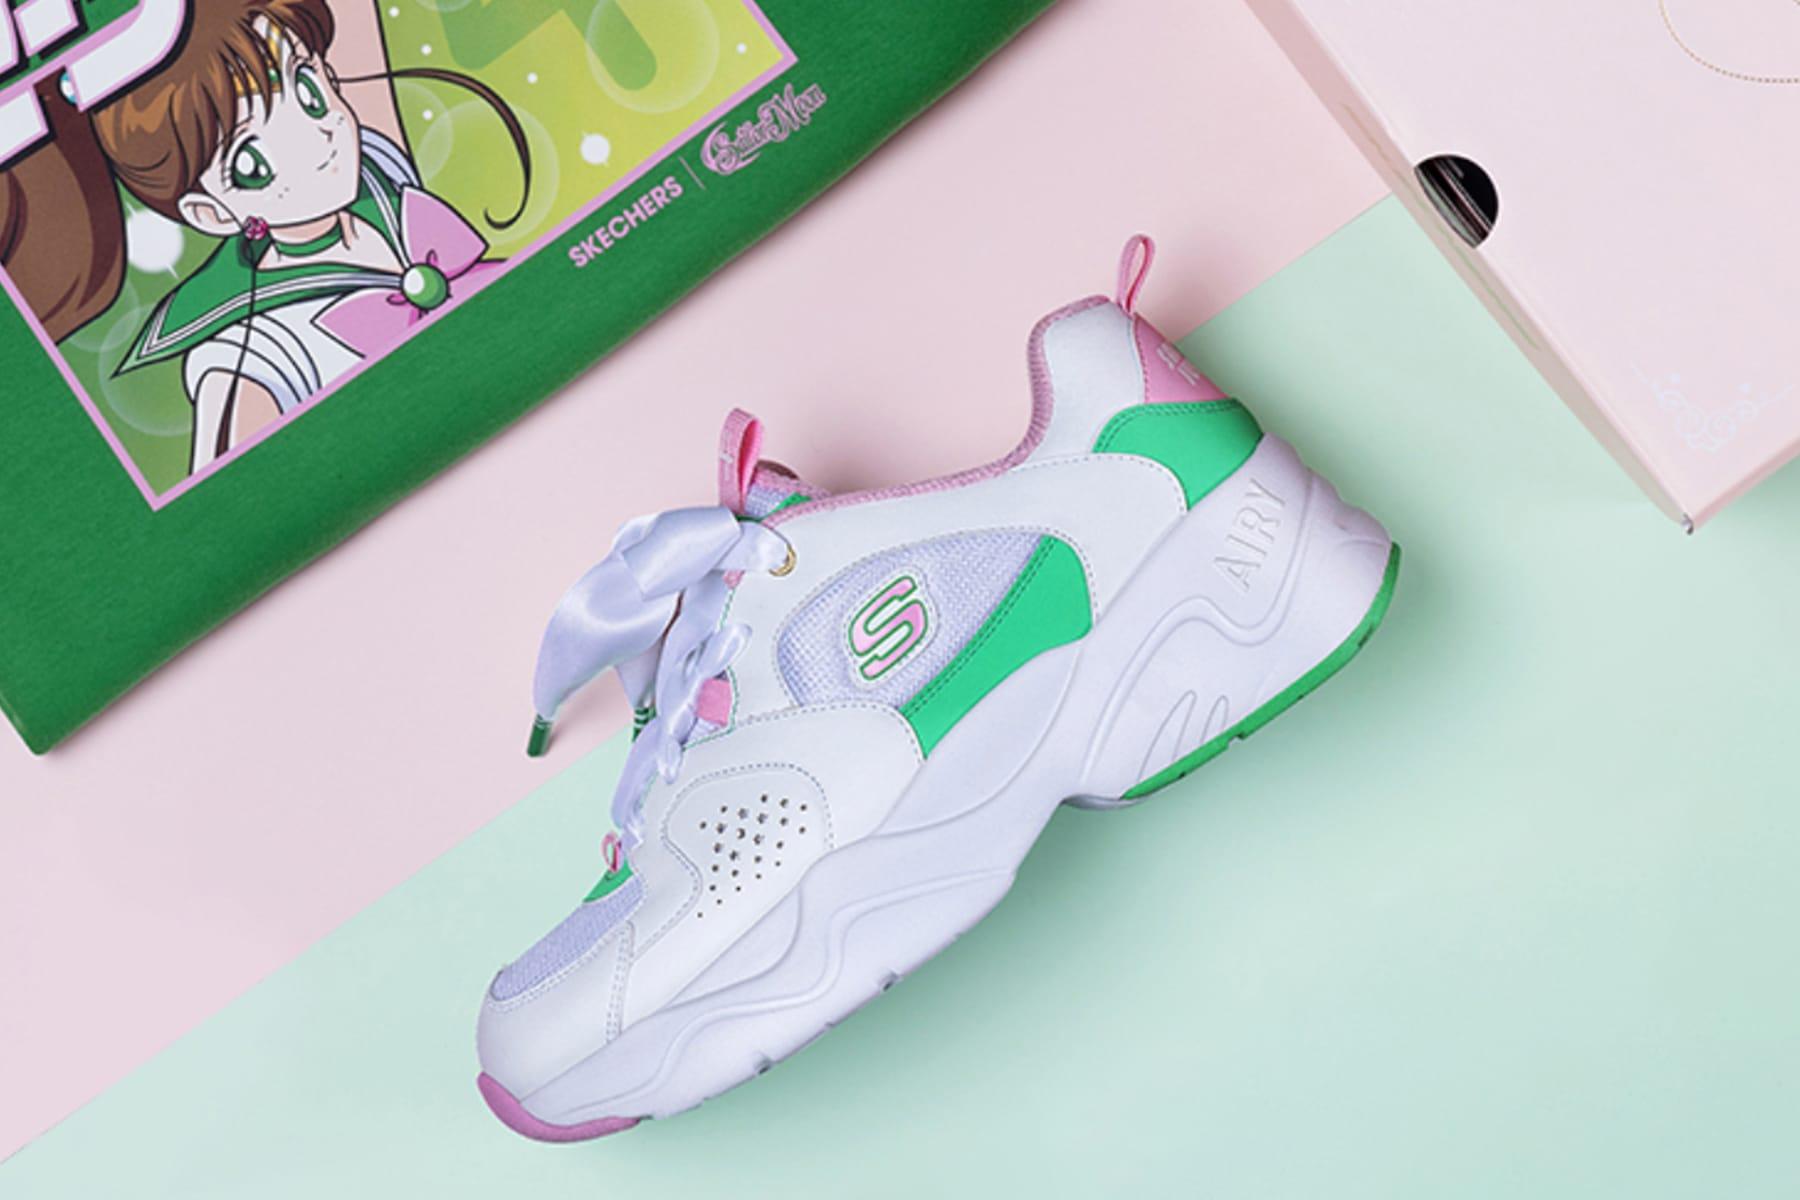 Sailor Moon x Skechers Sneaker